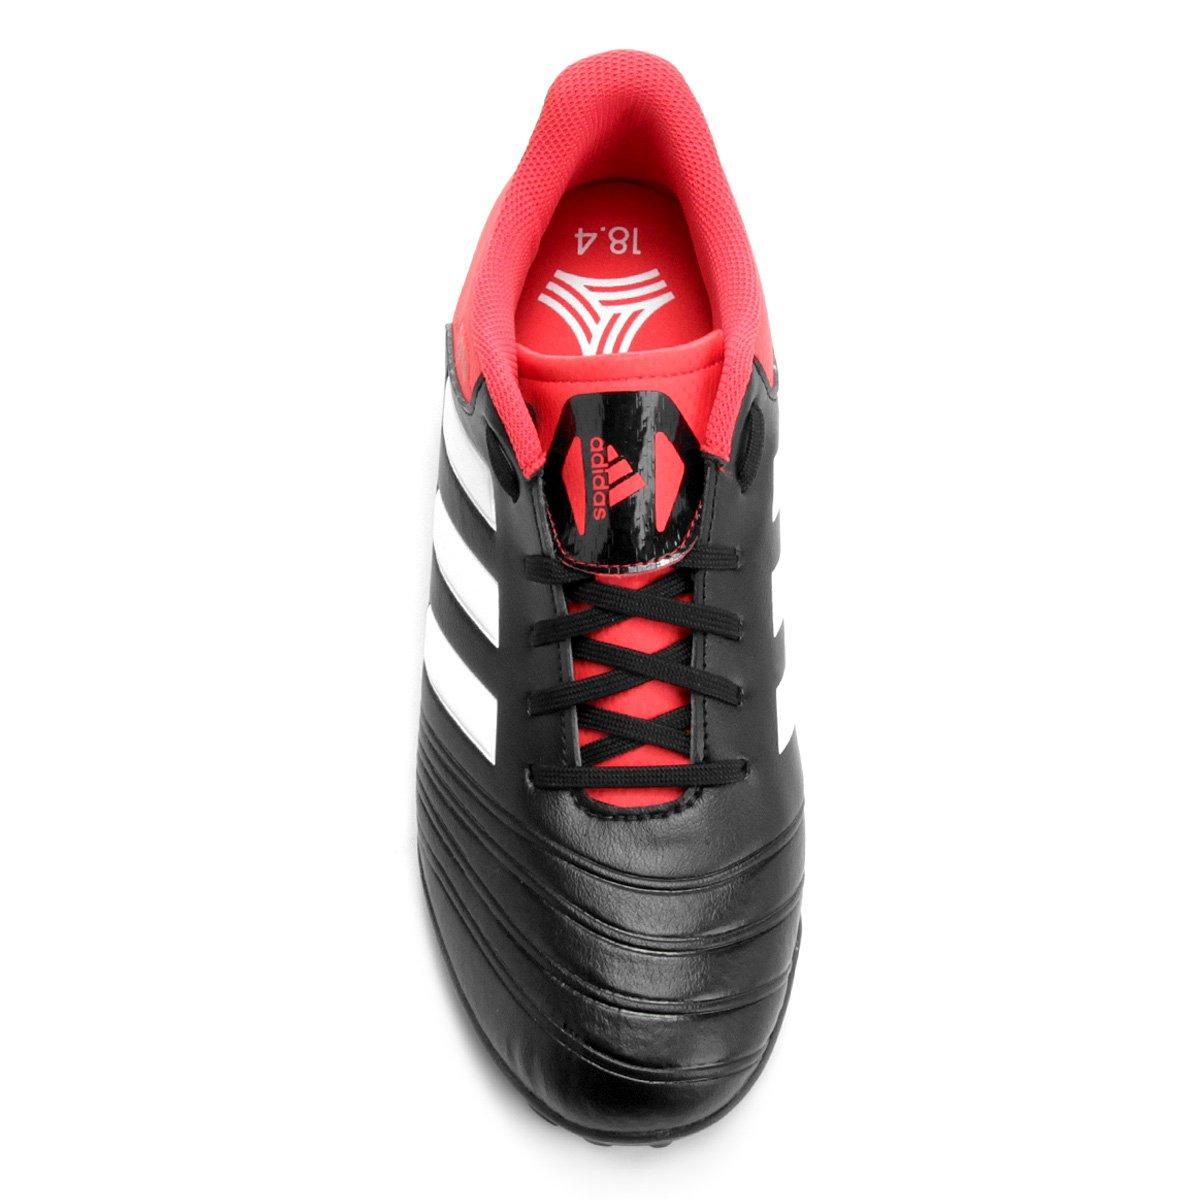 Chuteira Society Adidas Copa 18 4 TF - Preto e Vermelho - Compre ... cc5525f2f33ad